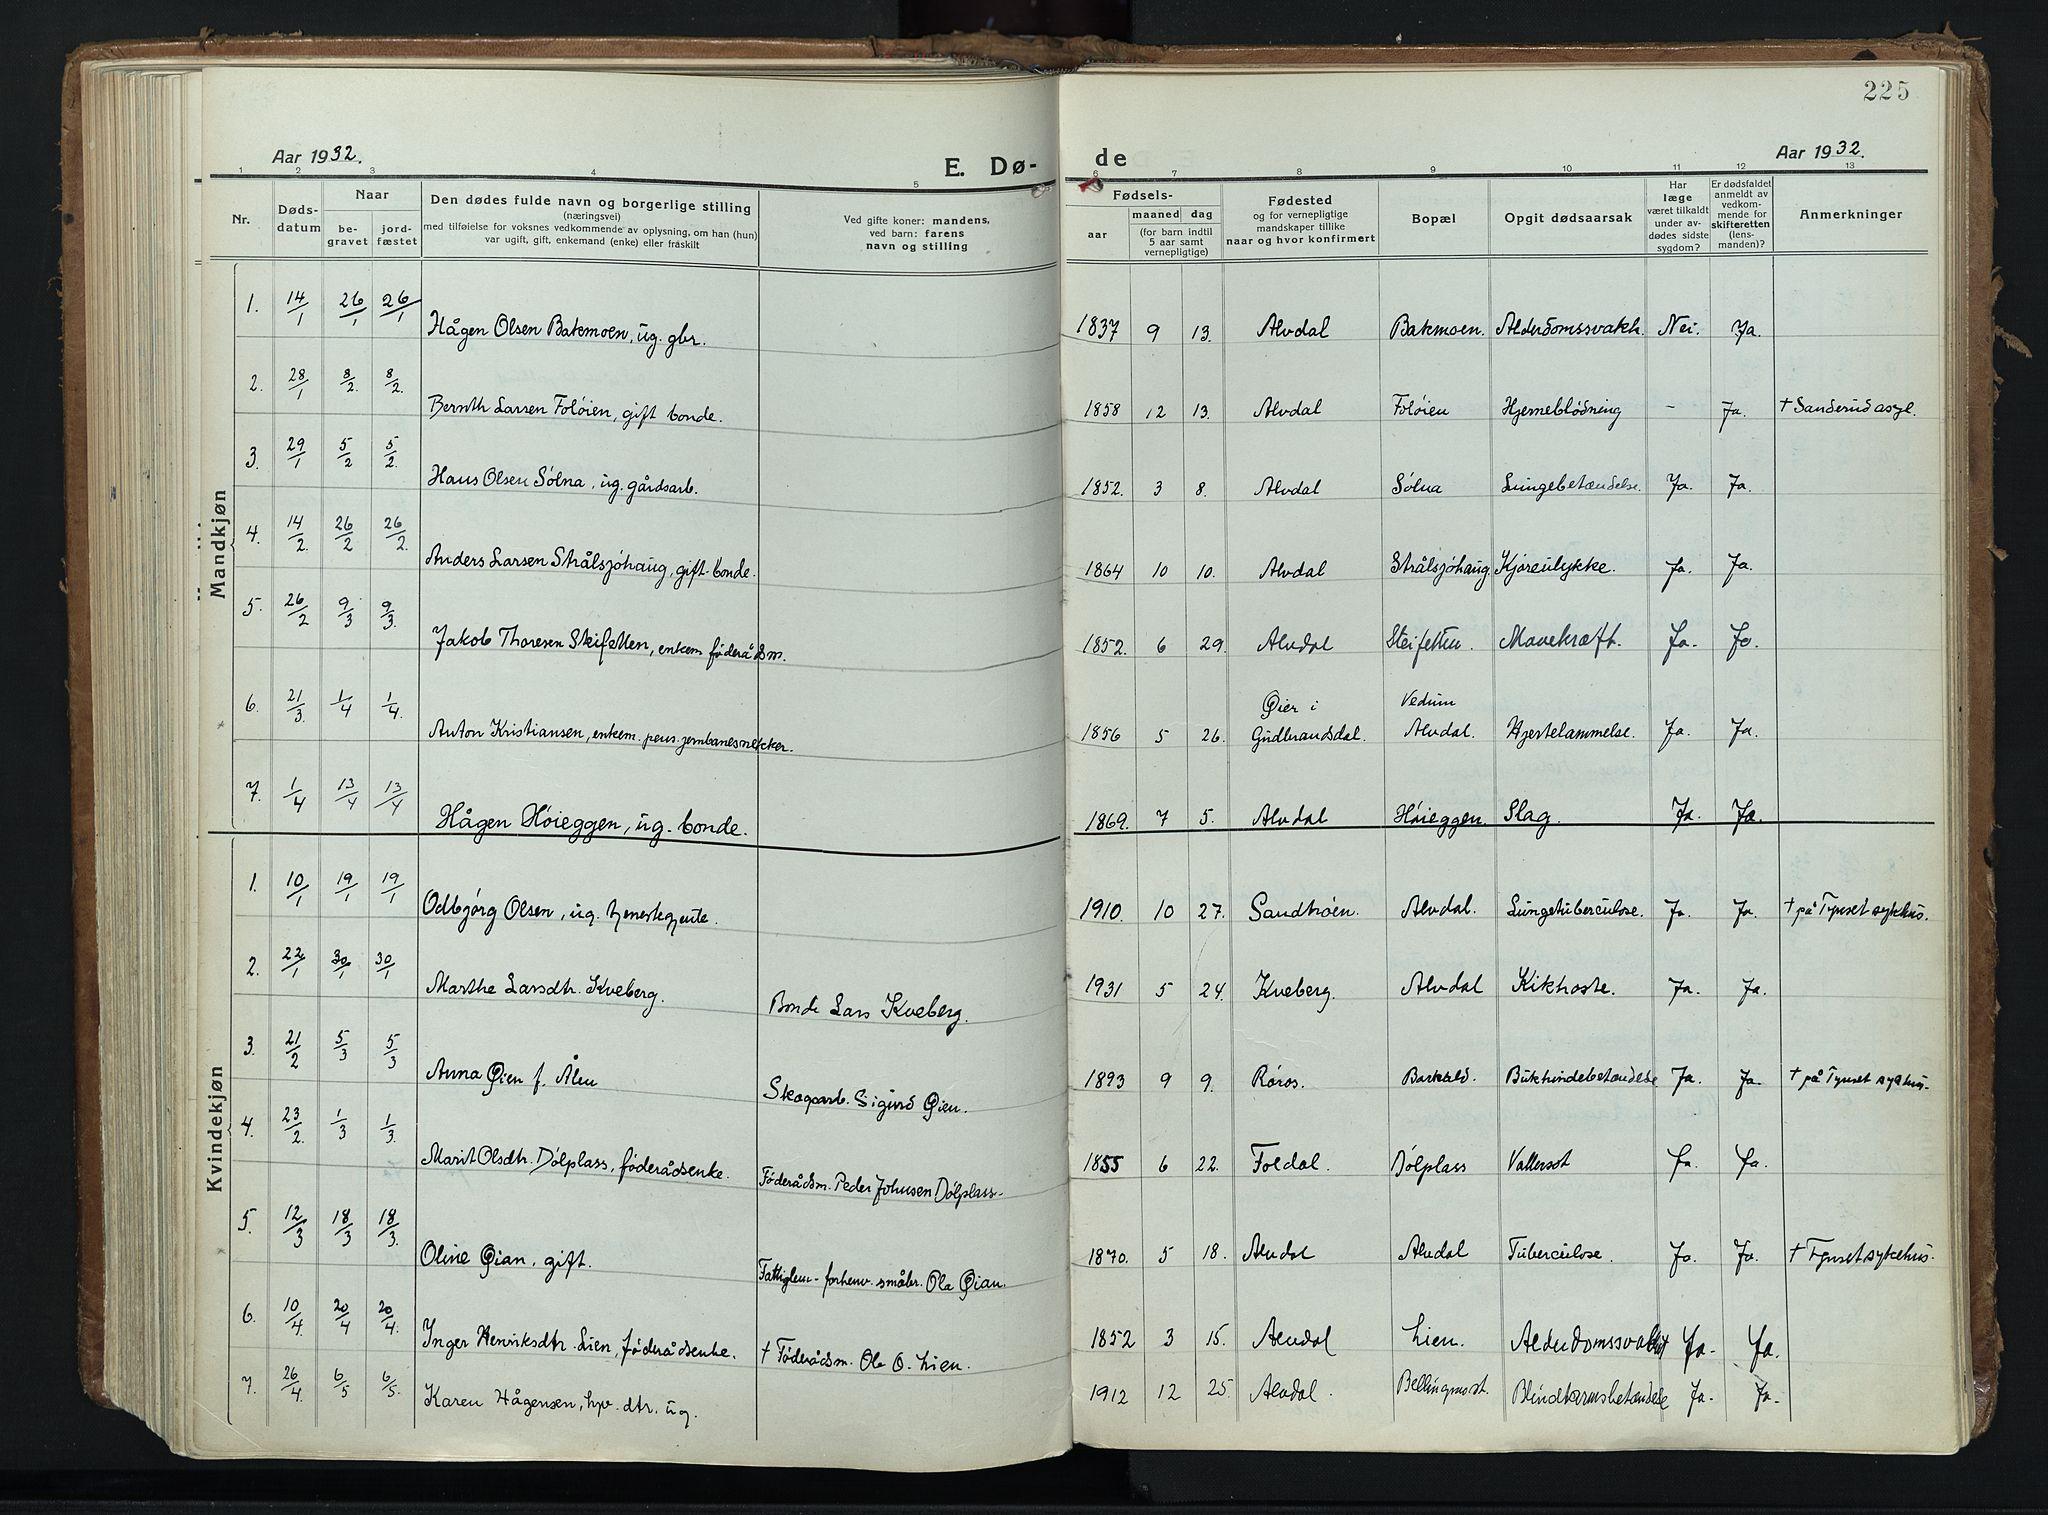 SAH, Alvdal prestekontor, Ministerialbok nr. 6, 1920-1937, s. 225